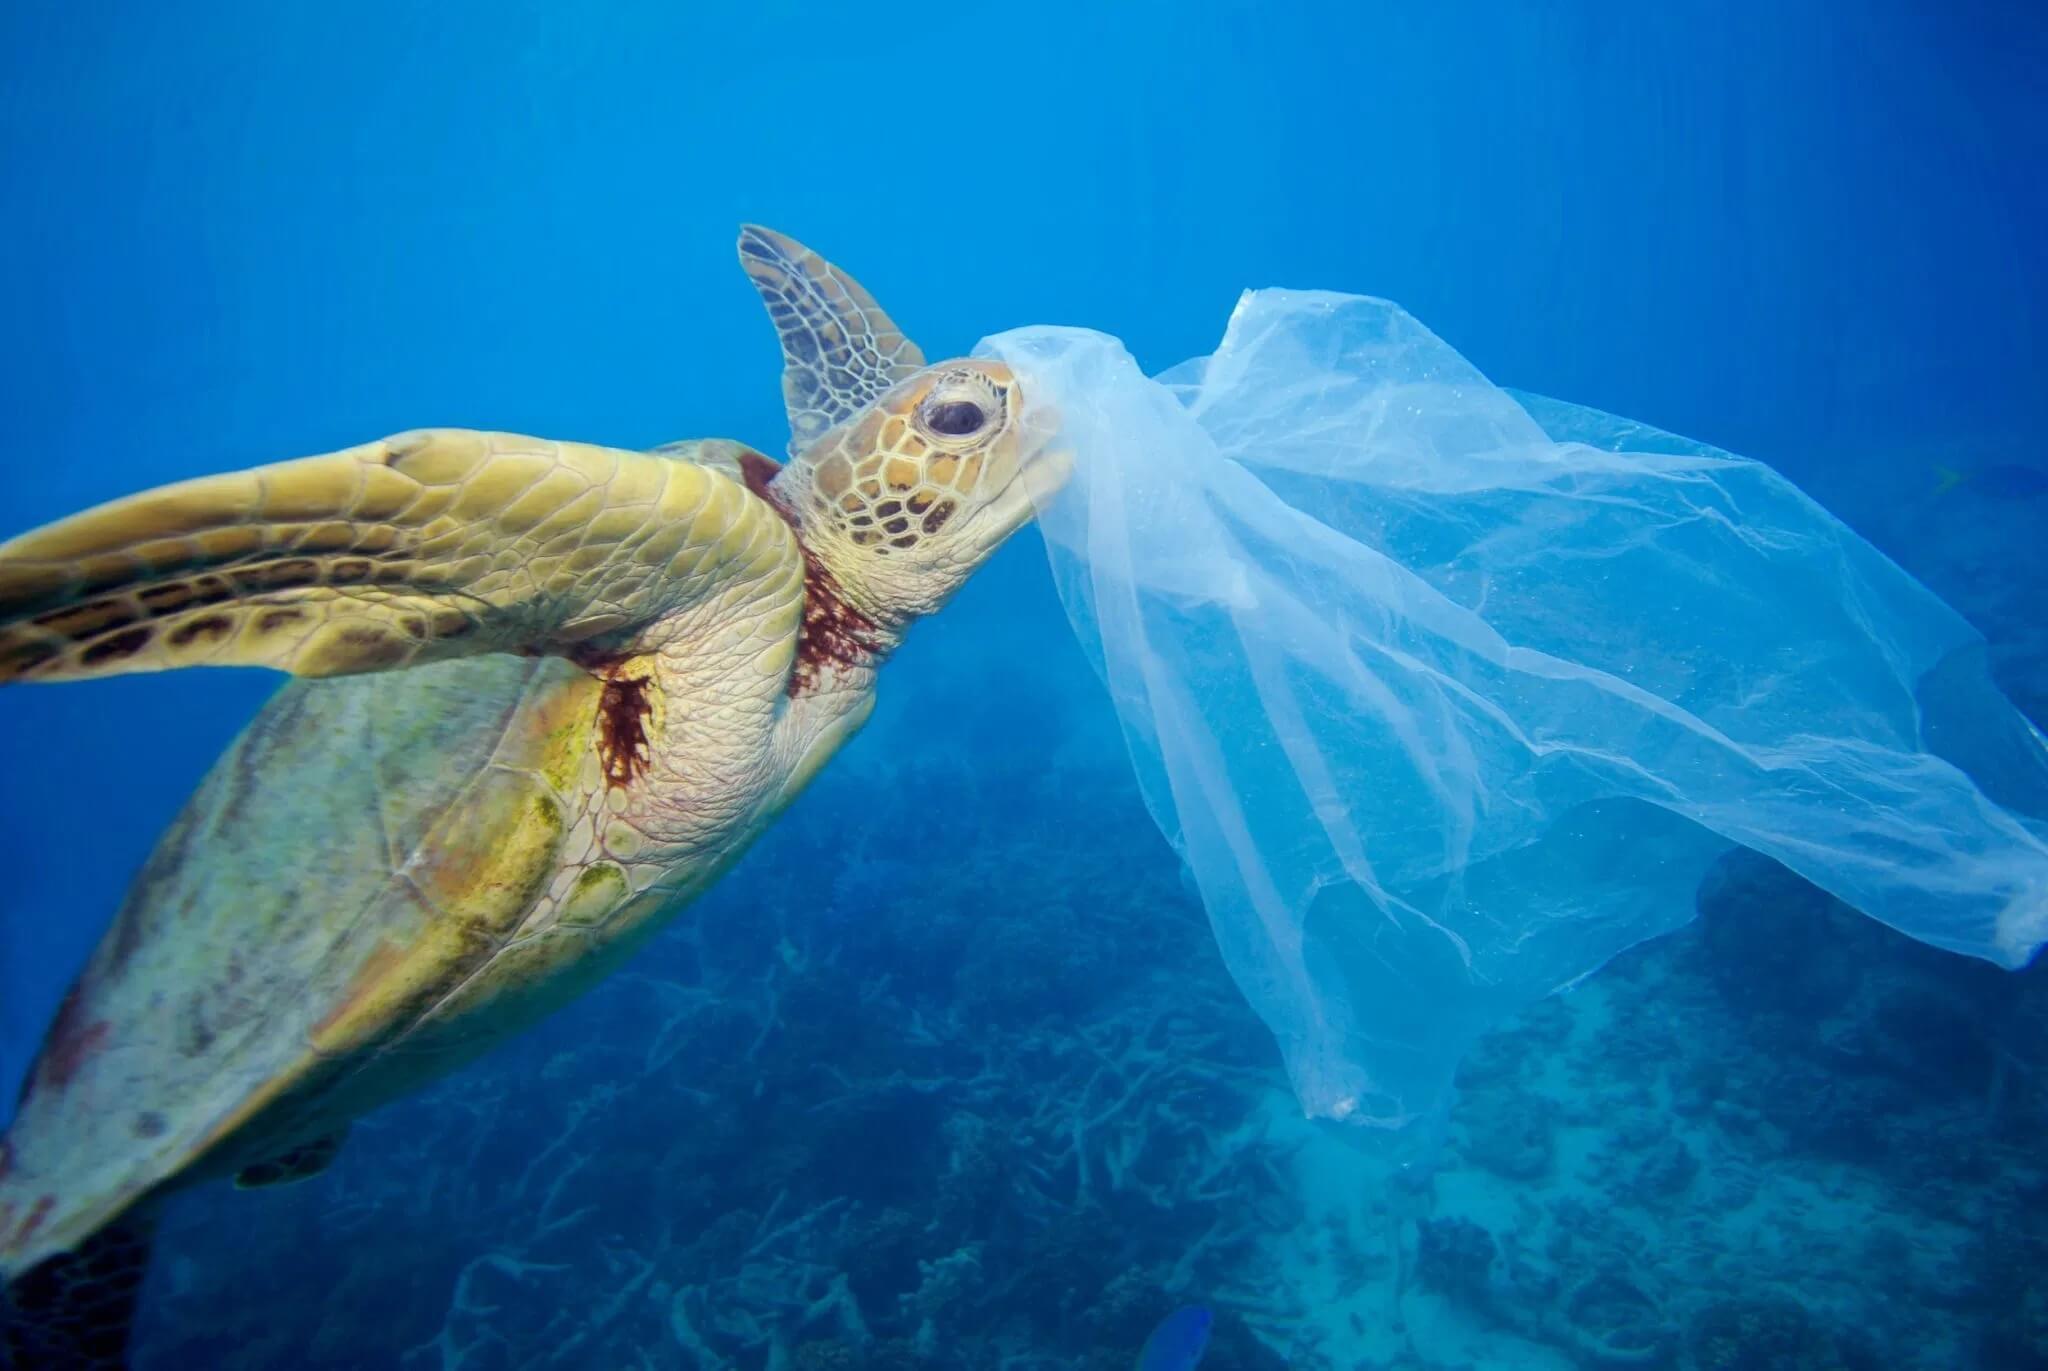 一堆又一堆的塑膠新聞,讓大家都會對塑膠有負面的印象。